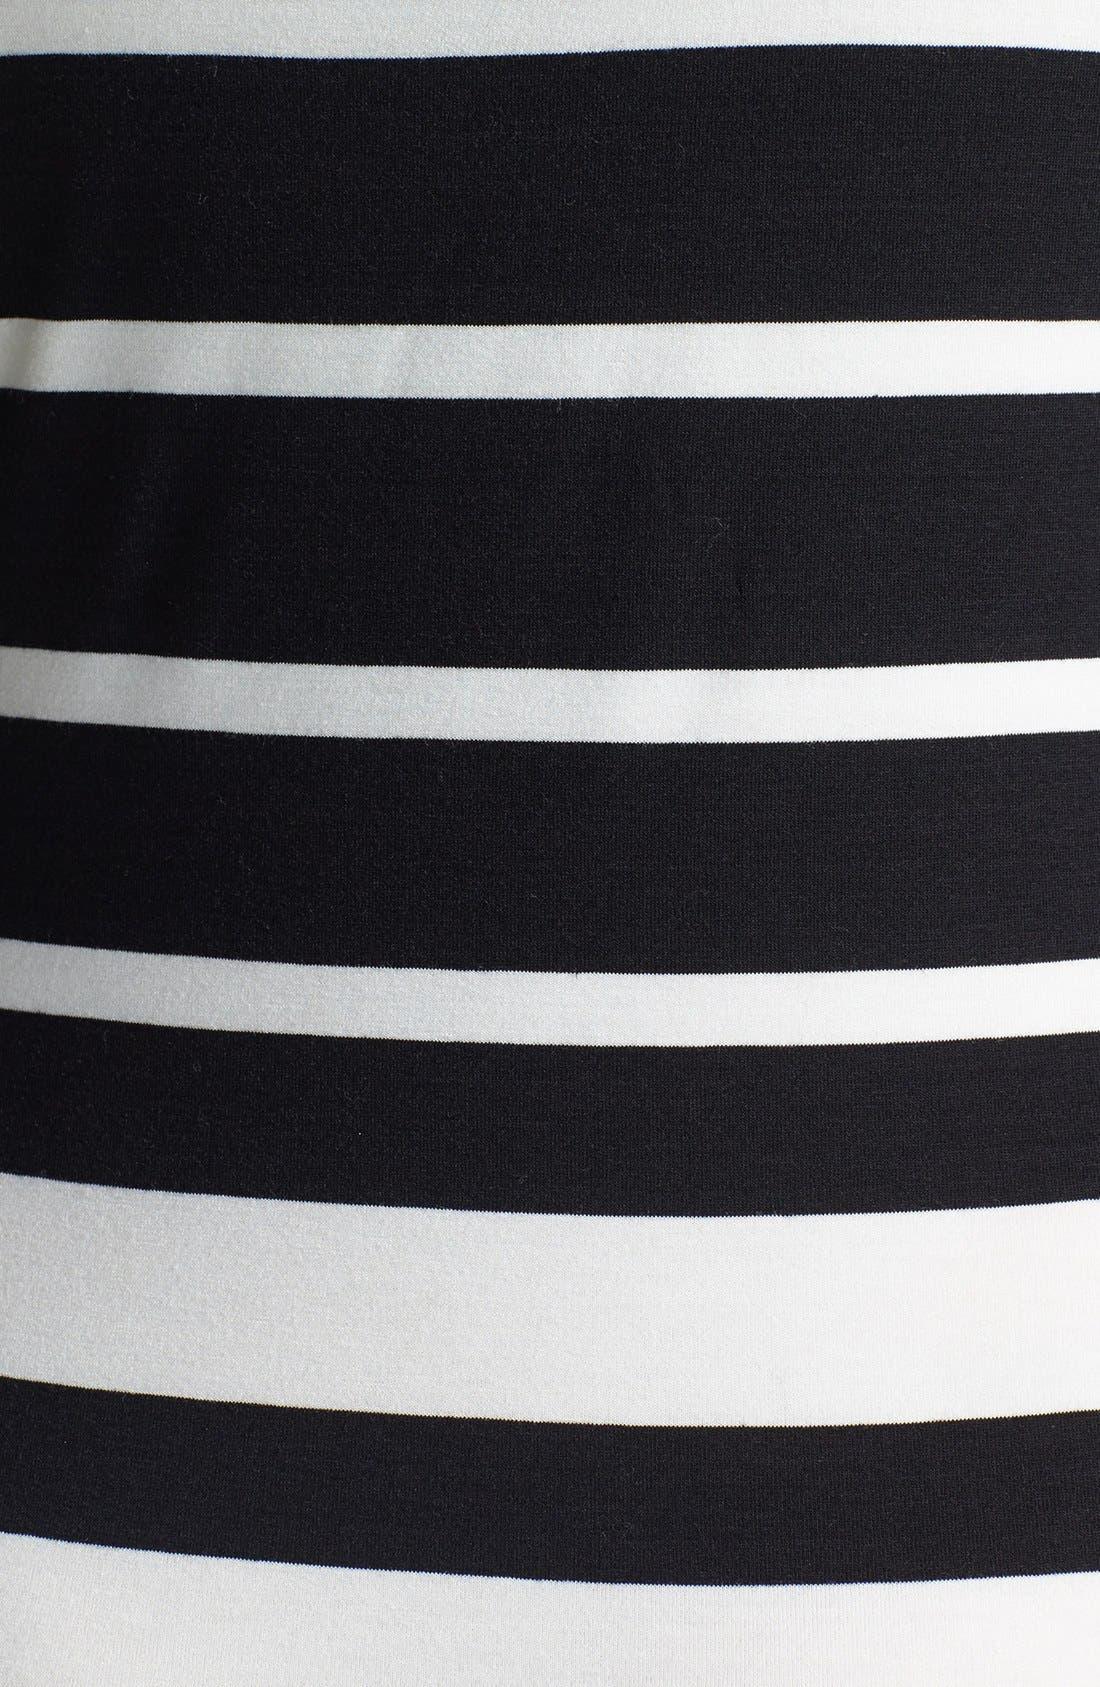 JESSICA SIMPSON,                             'Reah' Stripe Maxi Dress,                             Alternate thumbnail 2, color,                             001